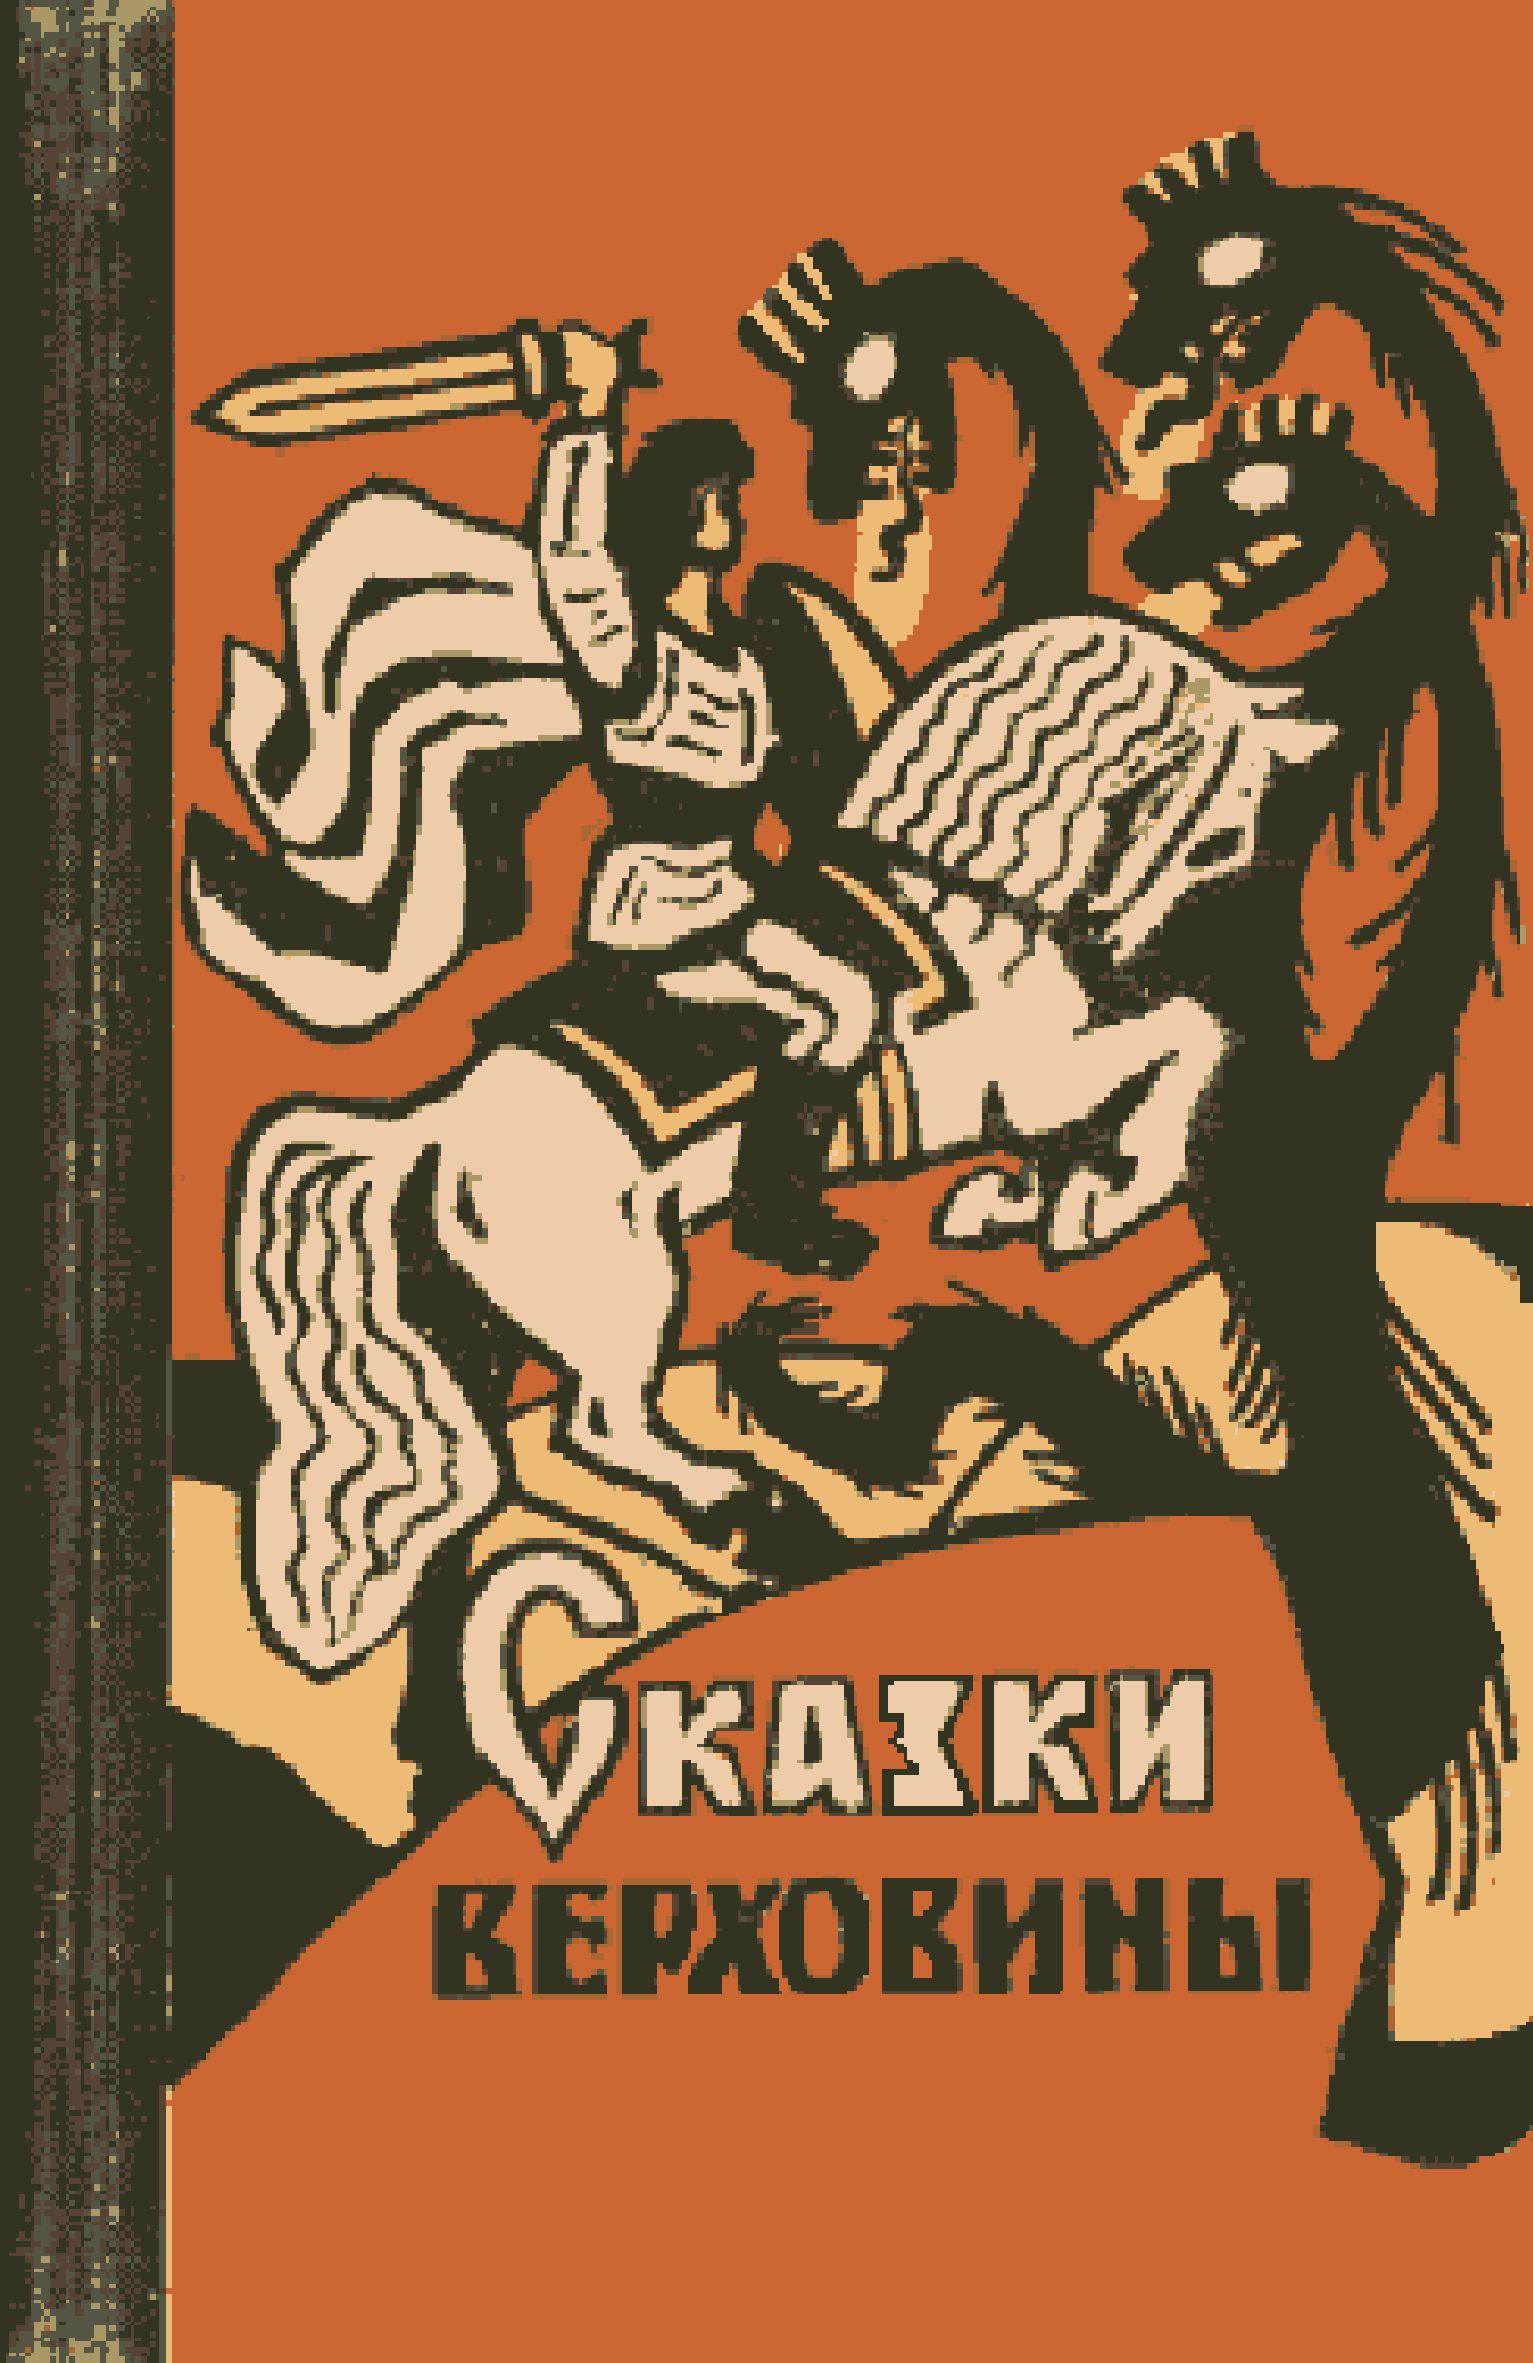 Молдавские сказки fb2 скачать